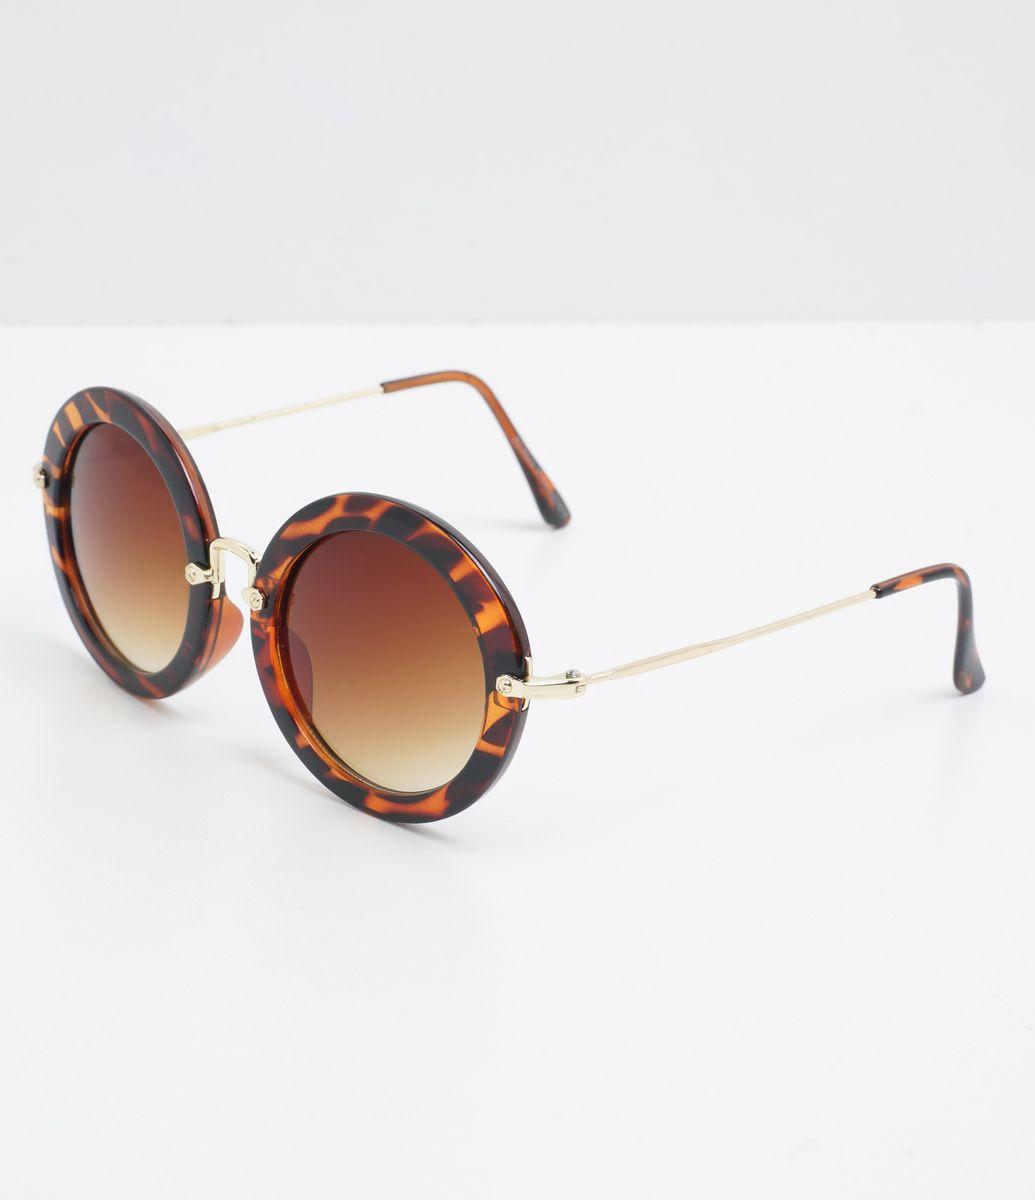 Óculos de sol Modelo redondo Hastes em acetato veludo Lentes marrom degradê  Proteção contra raios UVA 8b3026e365